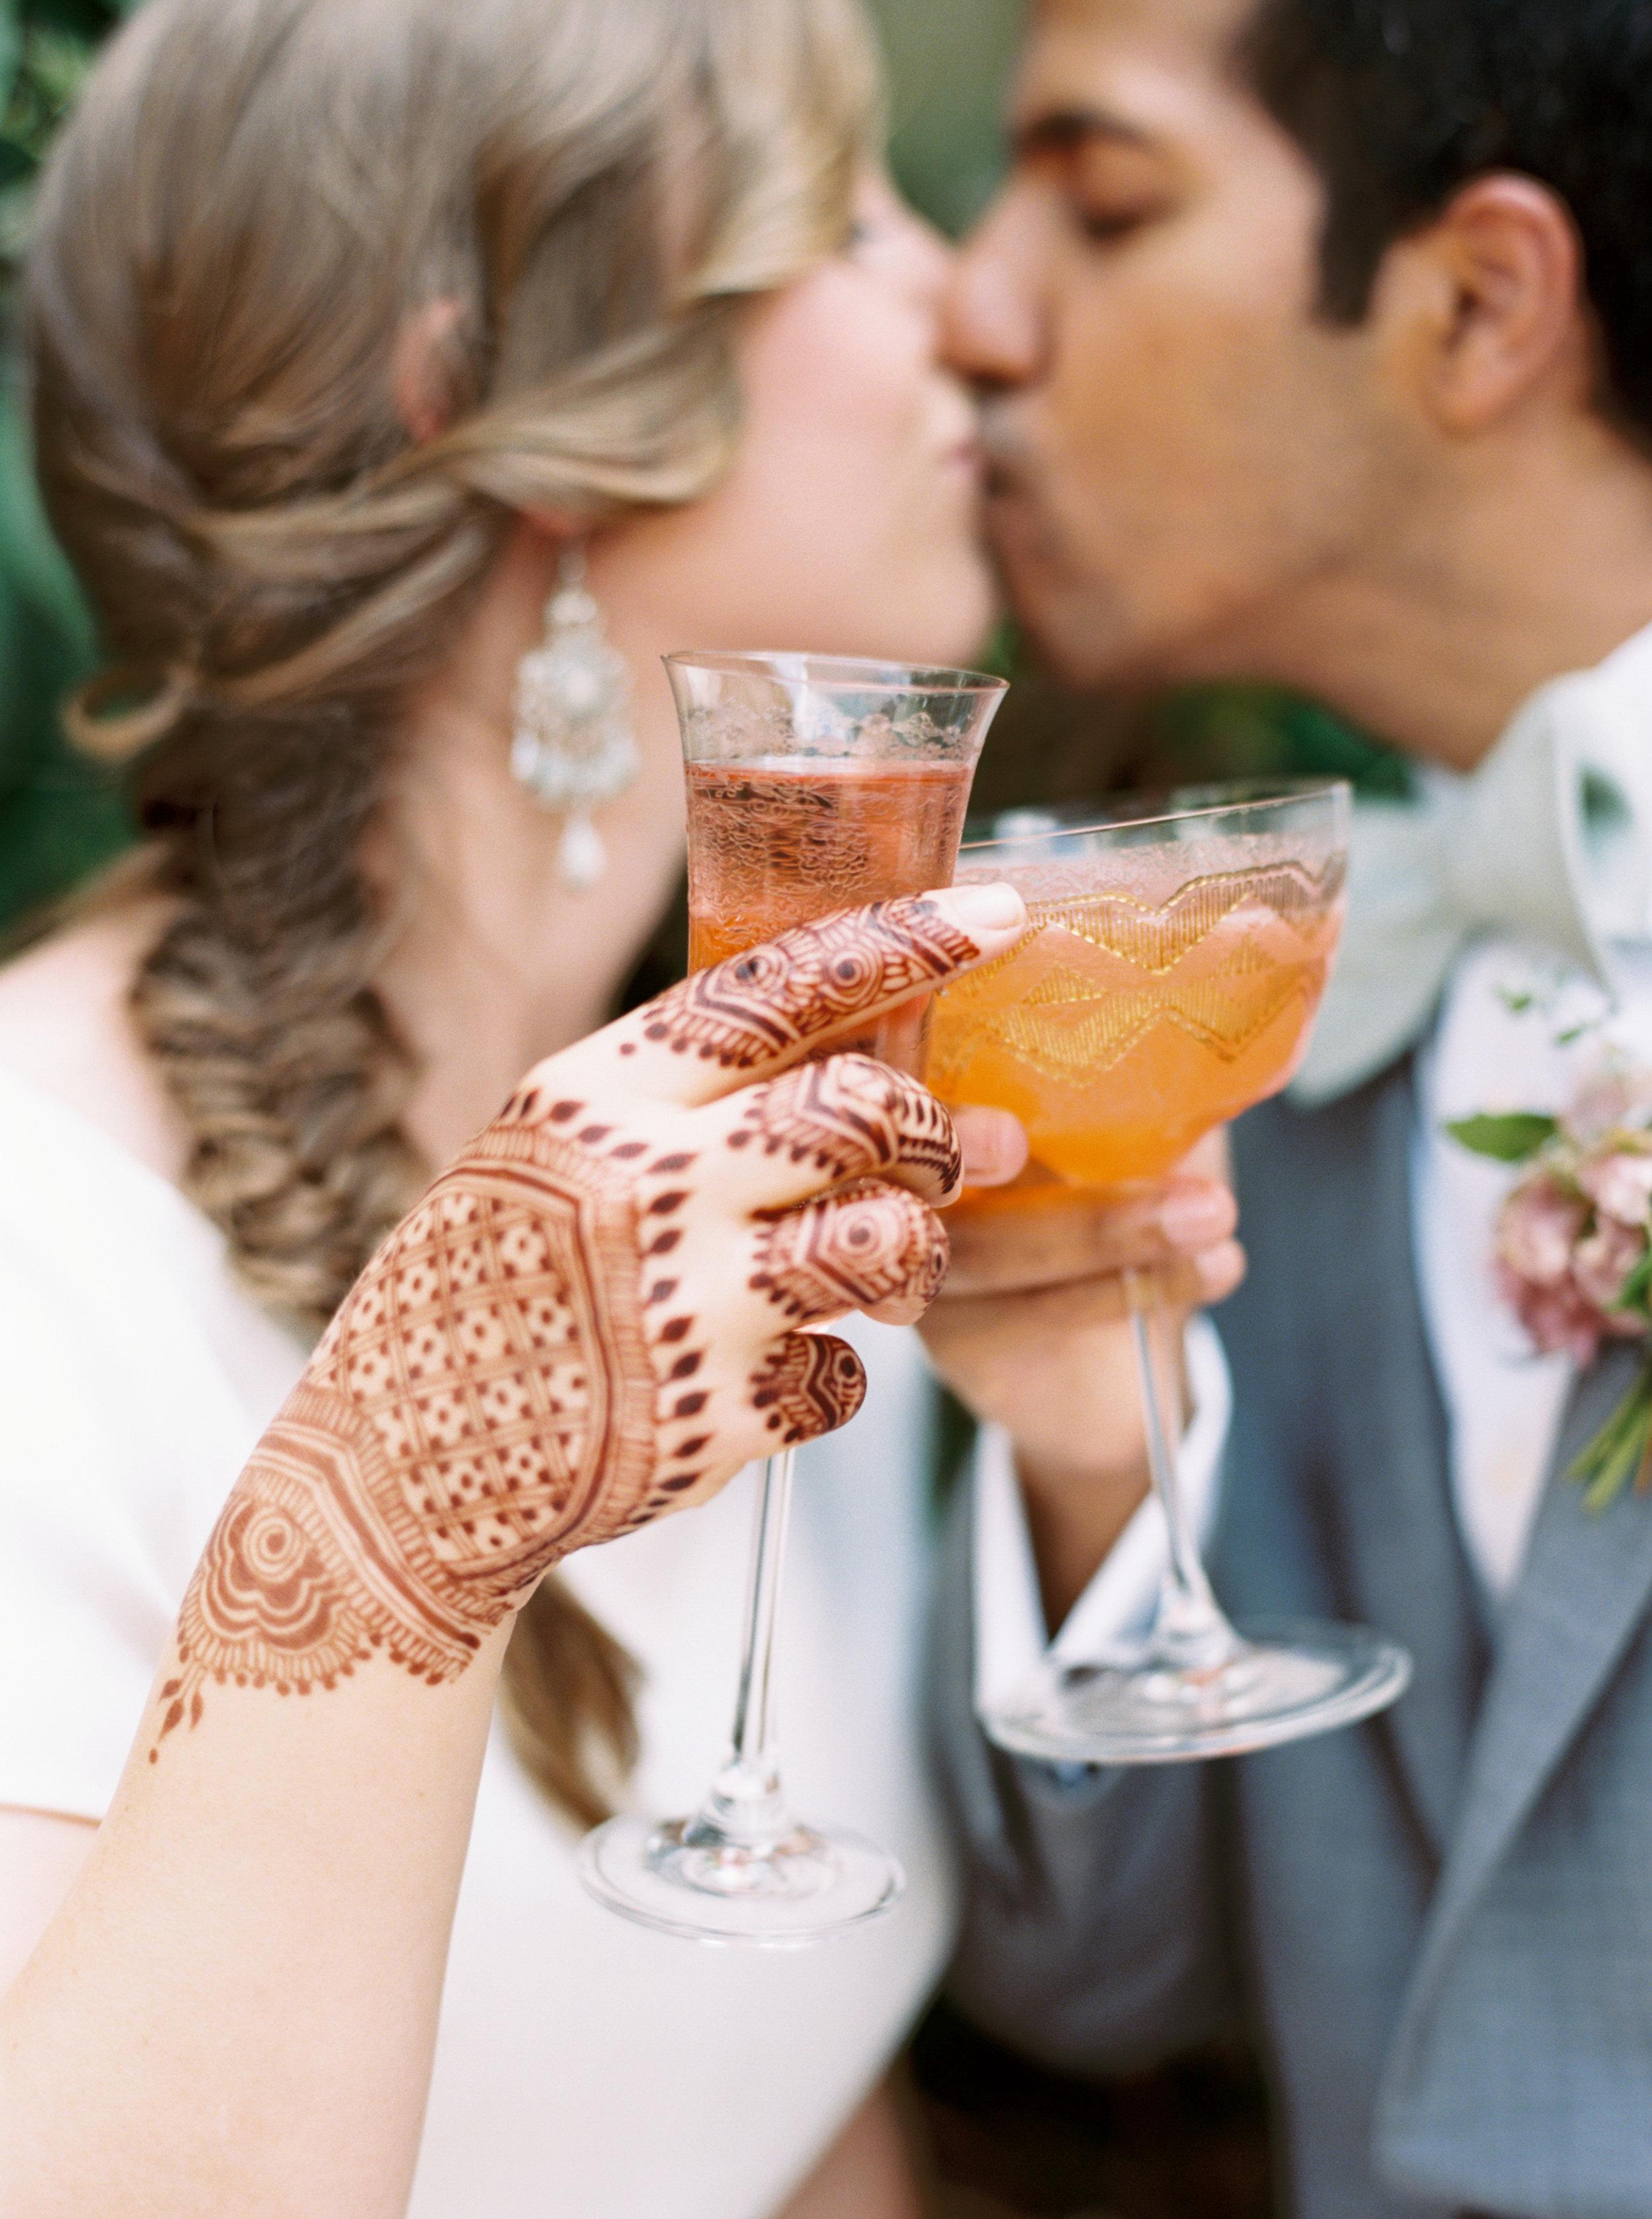 Wahoo_Grill_Atlanta_Indian_Wedding_Abigail_Malone_Photgoraphy_FIlm-148.jpg